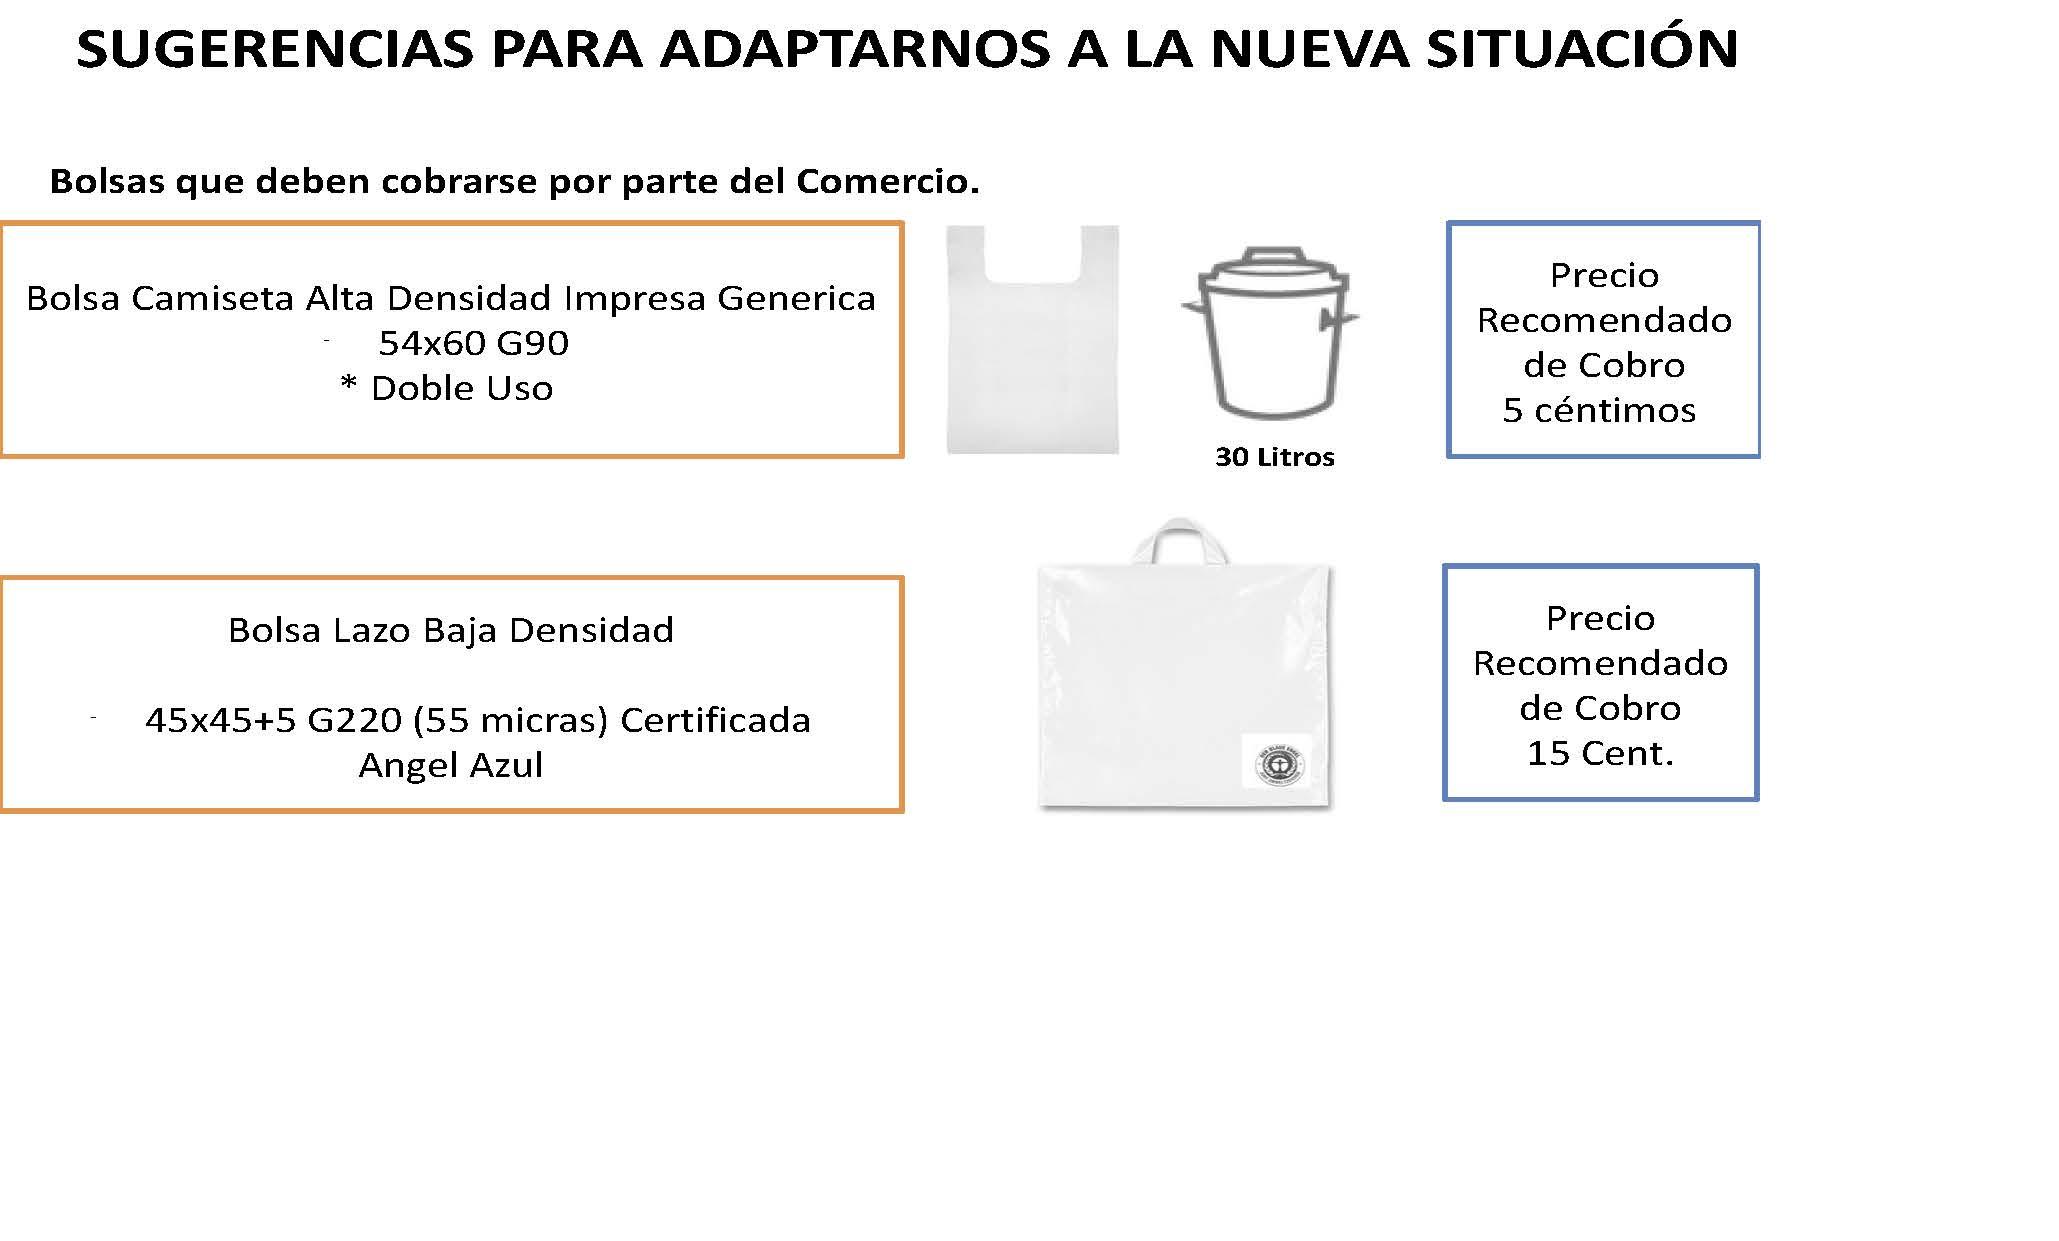 ea0b67d42 a) Se prohíbe la entrega gratuita a los consumidores de bolsas de plástico  en los puntos de venta de